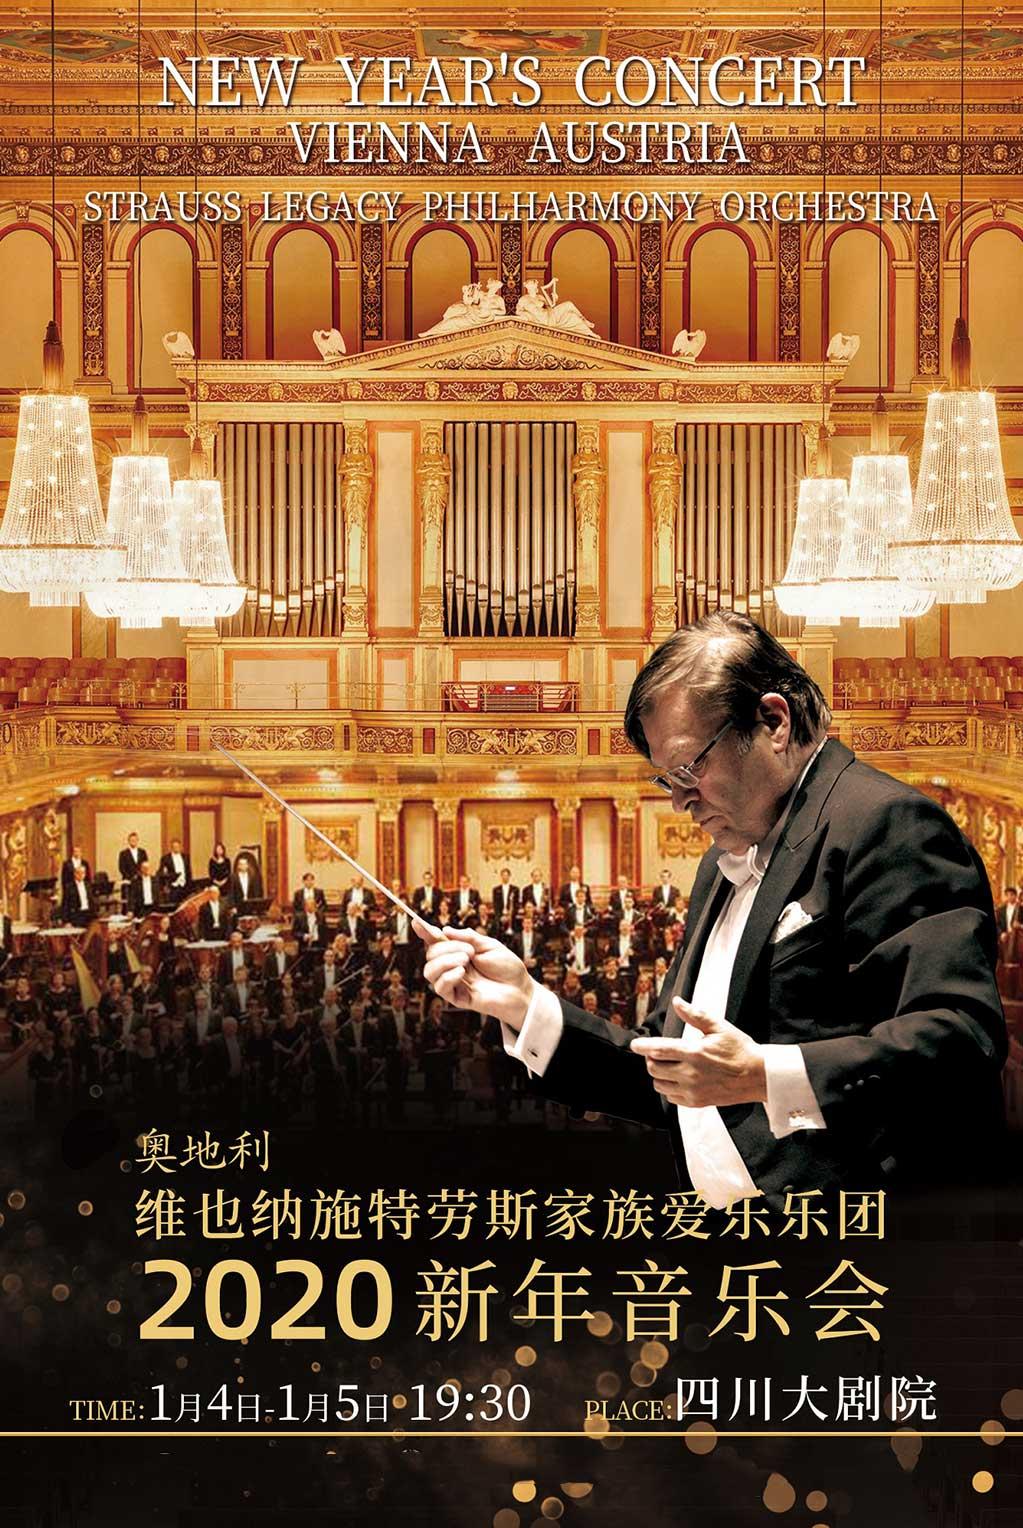 奥地利维也纳施特劳斯家族爱乐乐团2020新年音乐会成都站